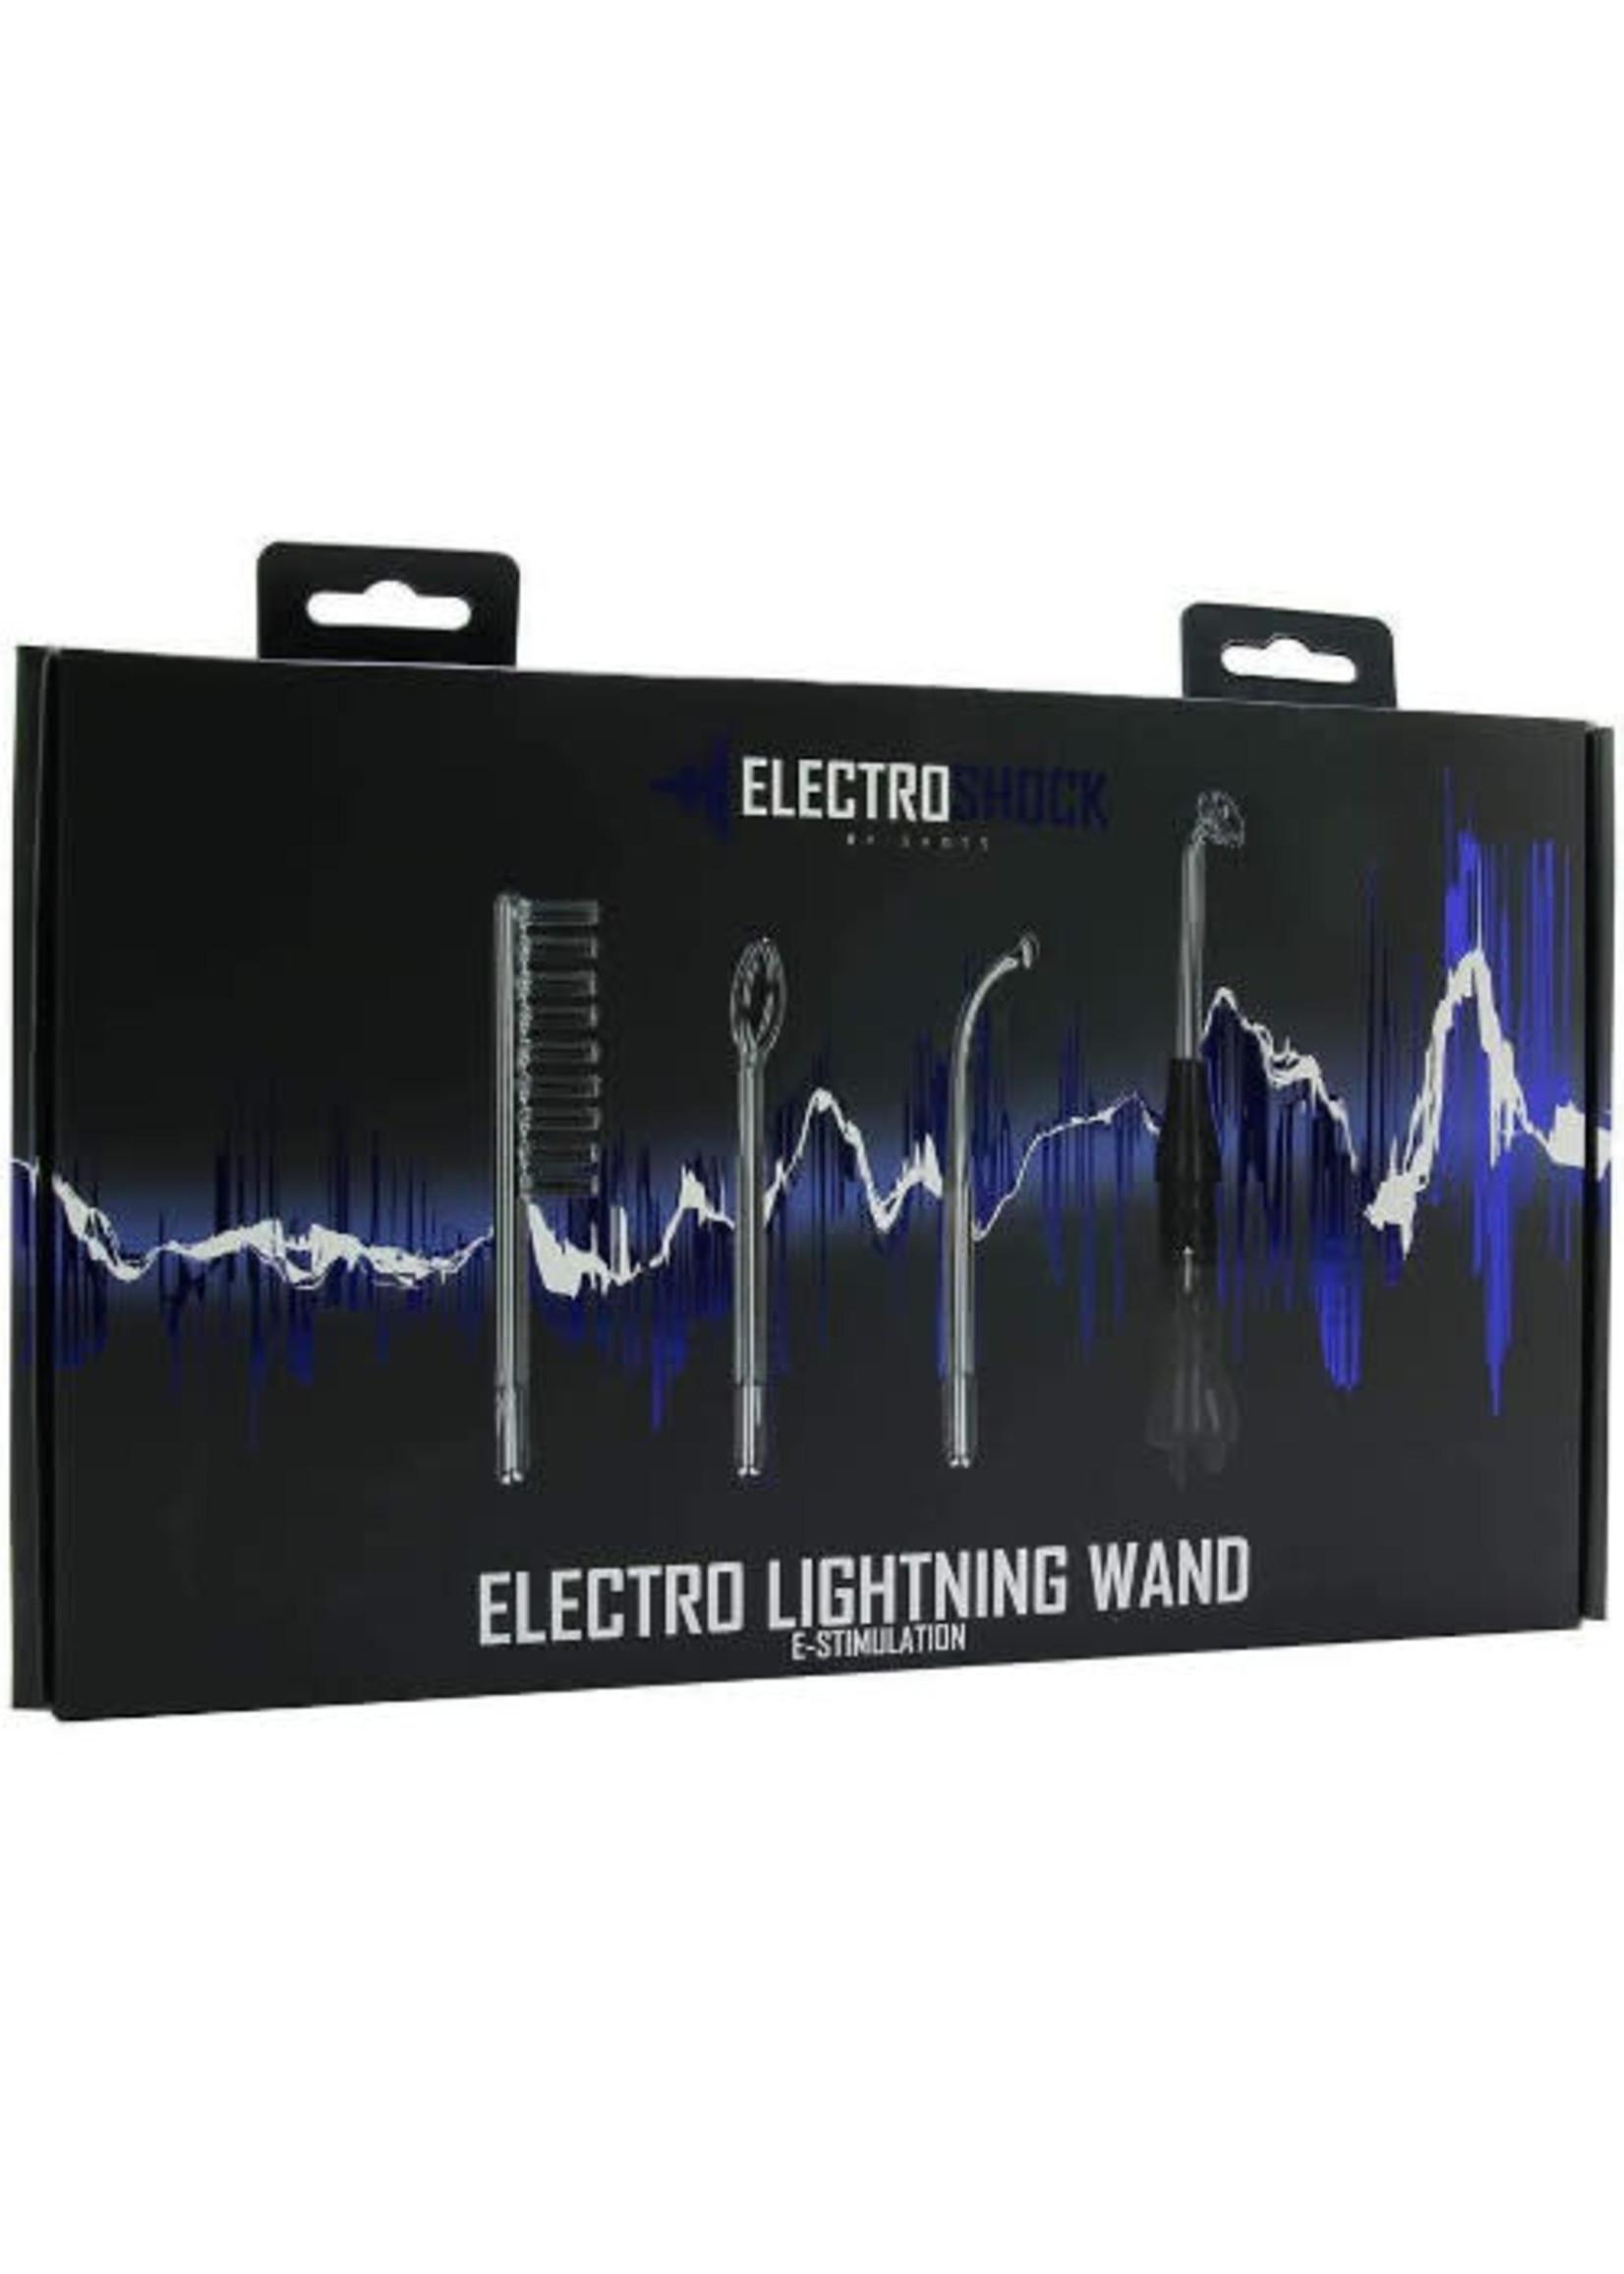 Electroshock Electro Lighting Wand